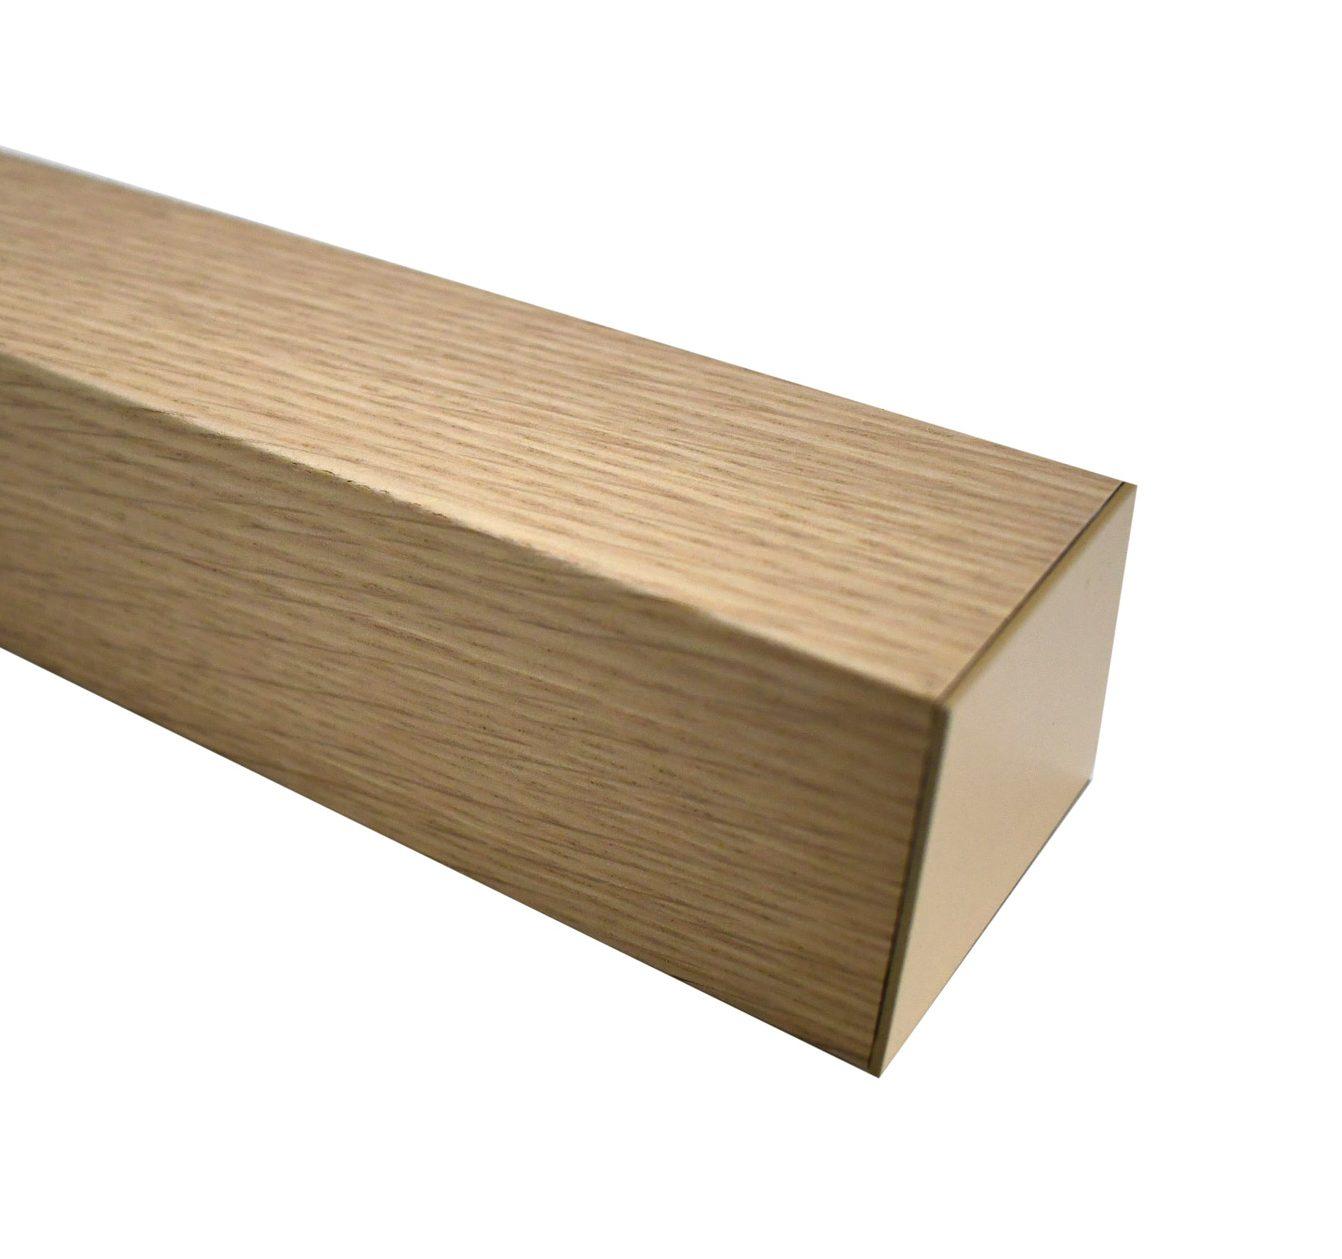 Sculptform Timber-look wraps end cap